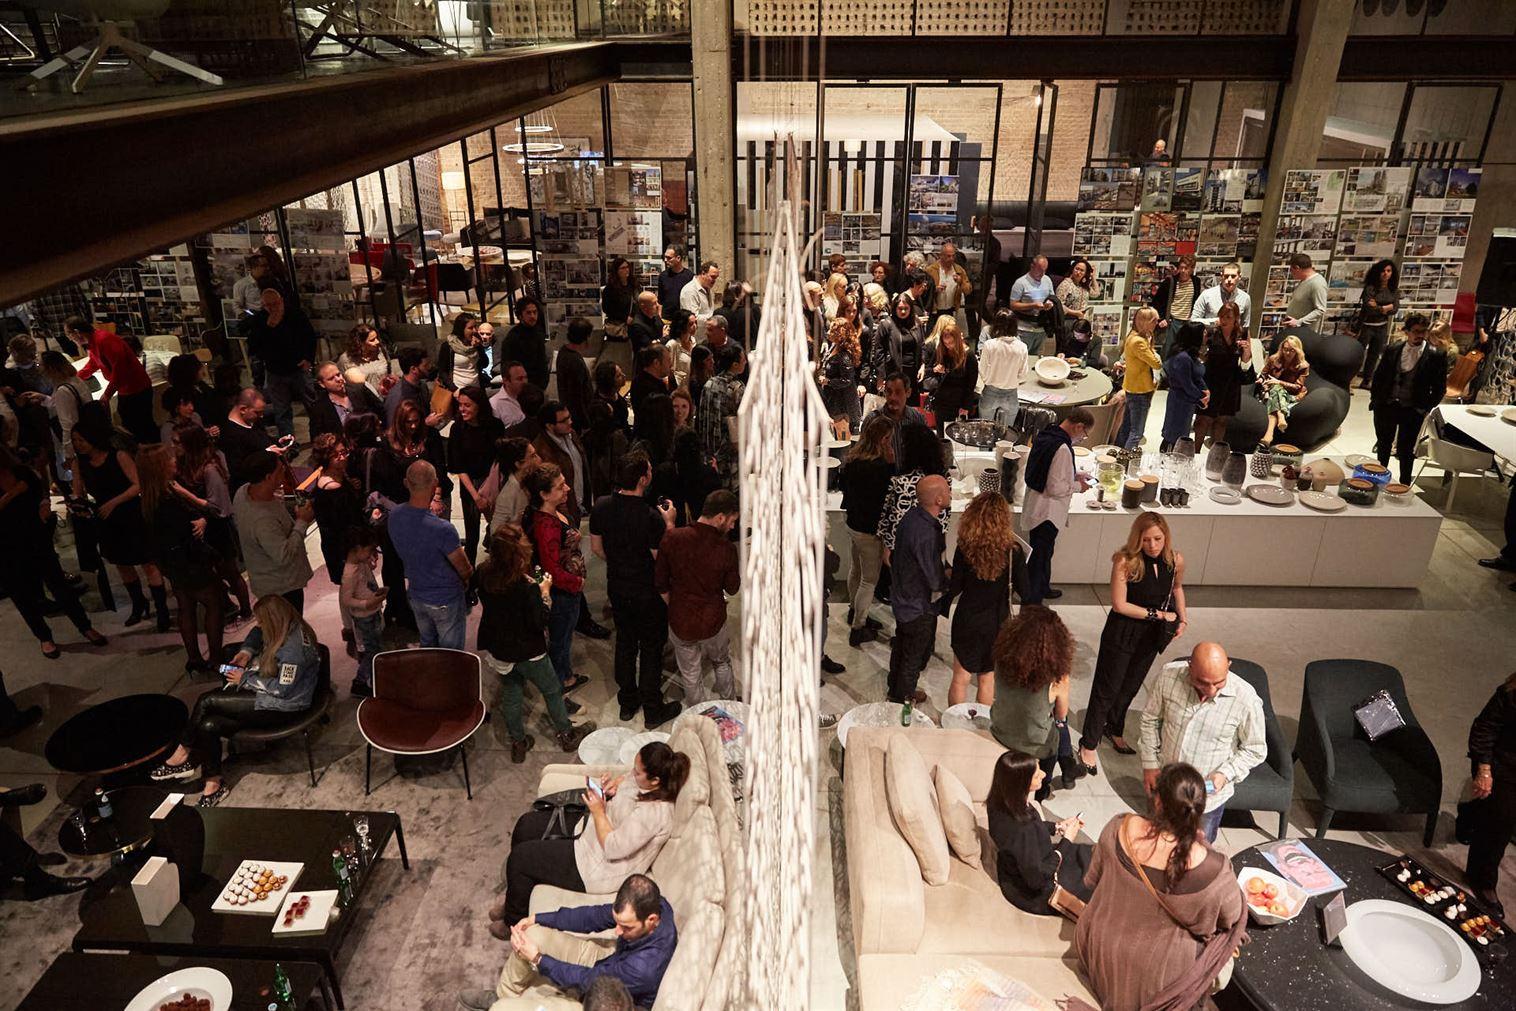 הפגנת כח של האדריכלות והעיצוב בישראל